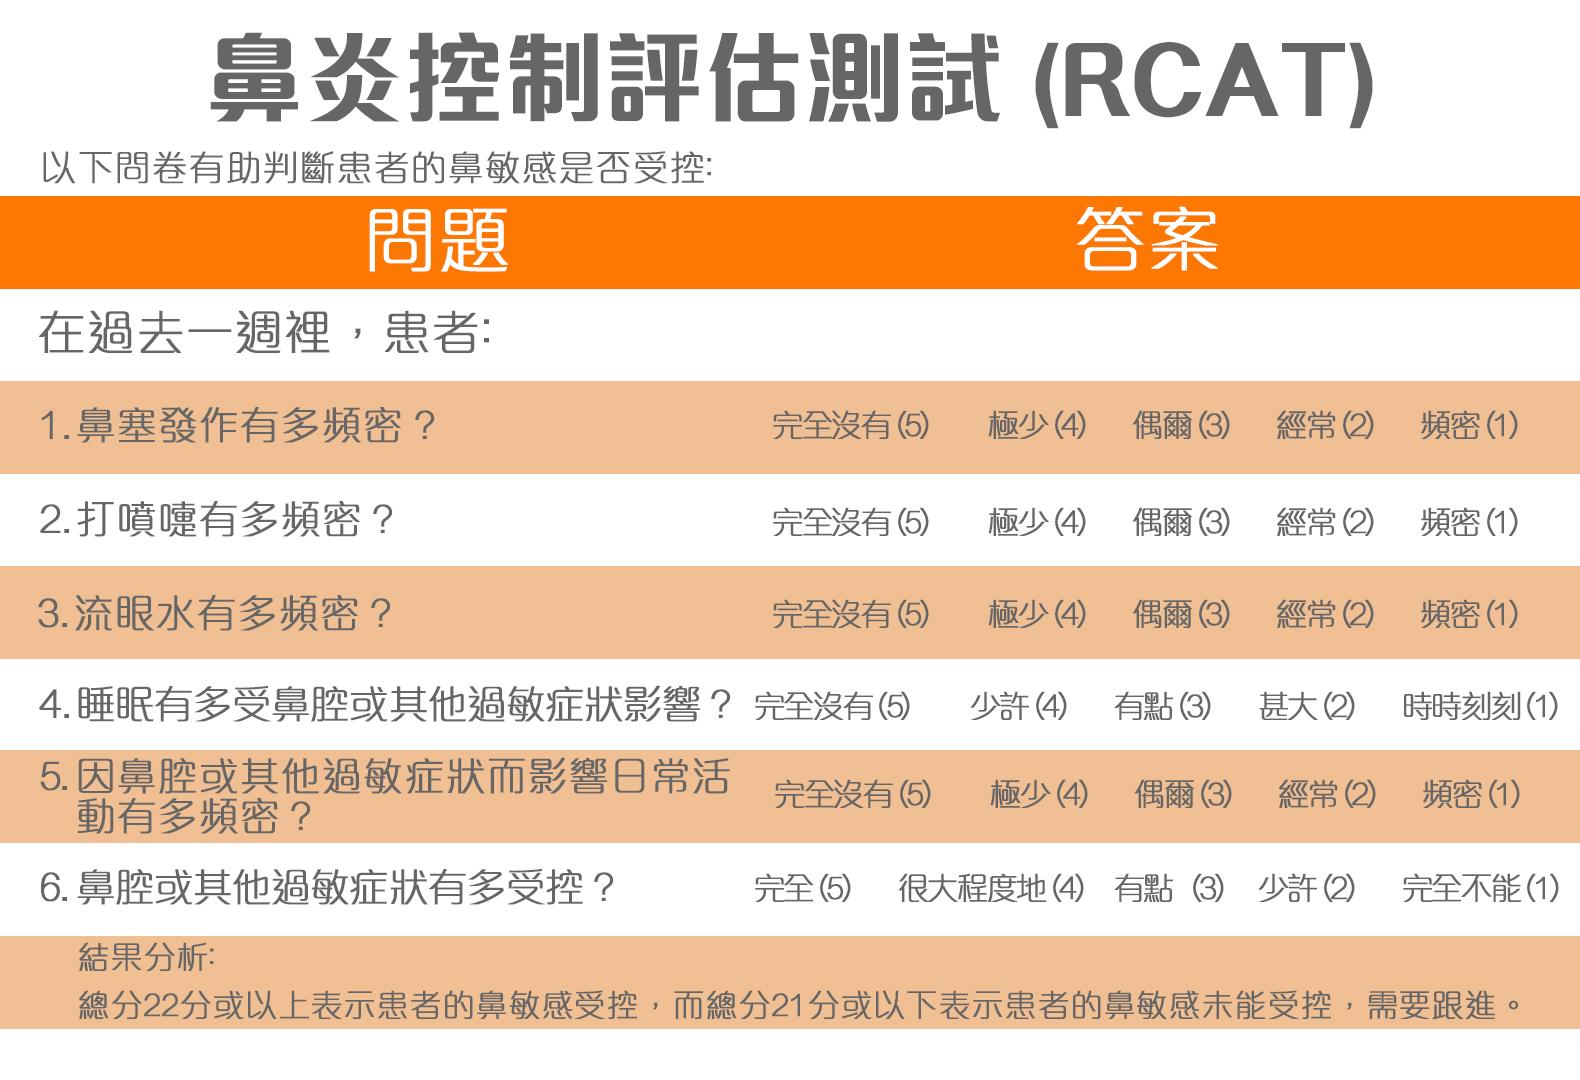 鼻敏感-鼻炎控制評估測試 (RCAT)